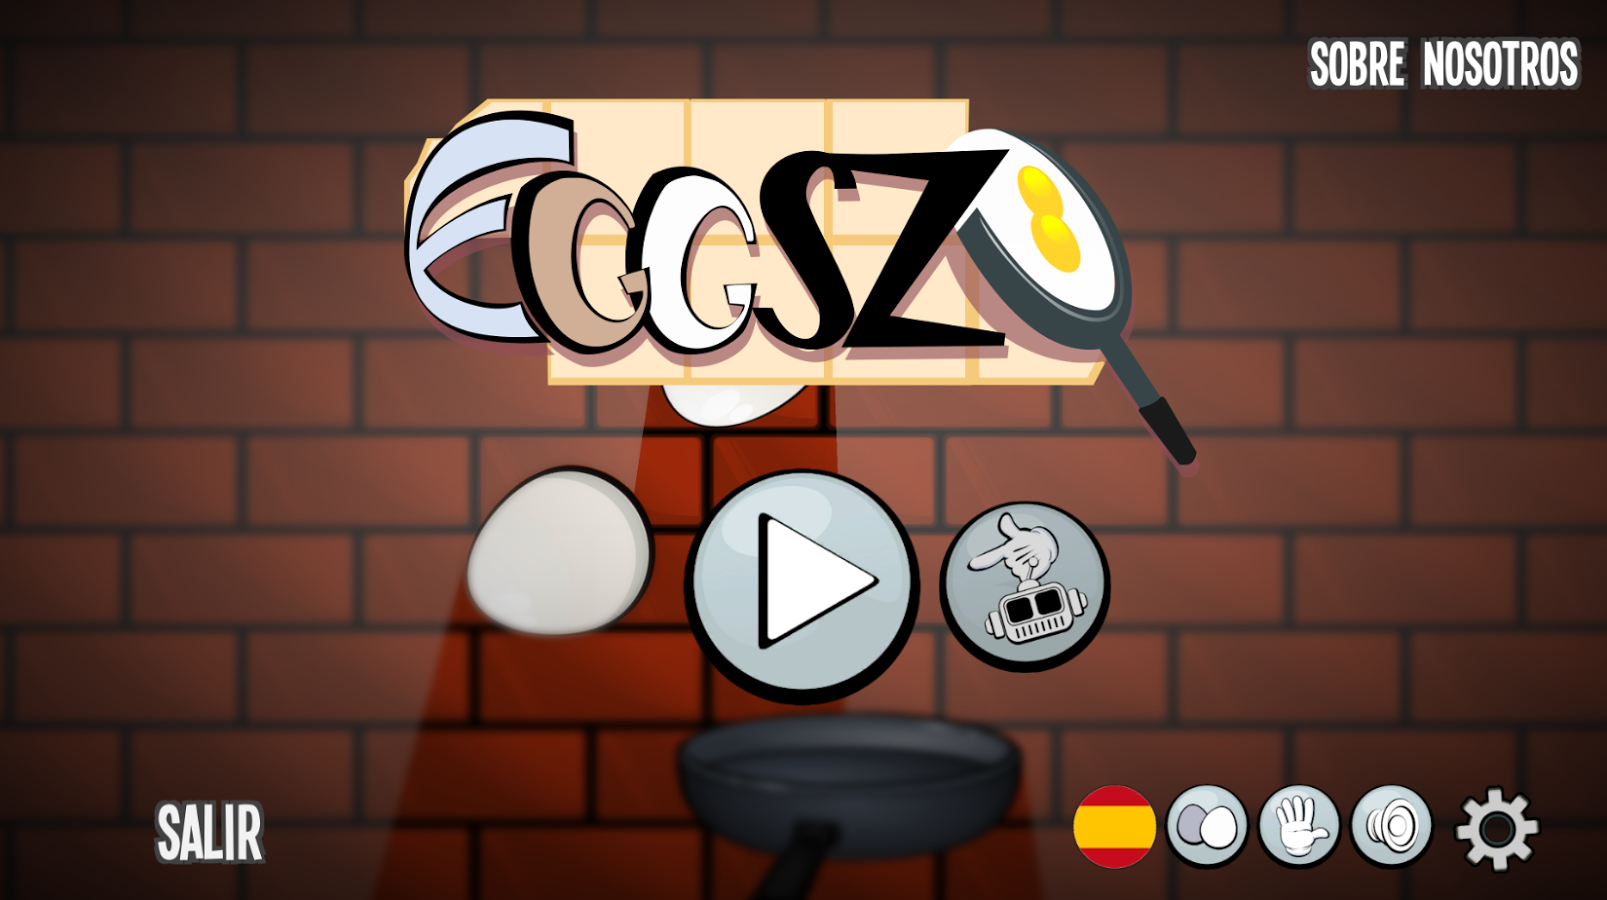 eggszyintro